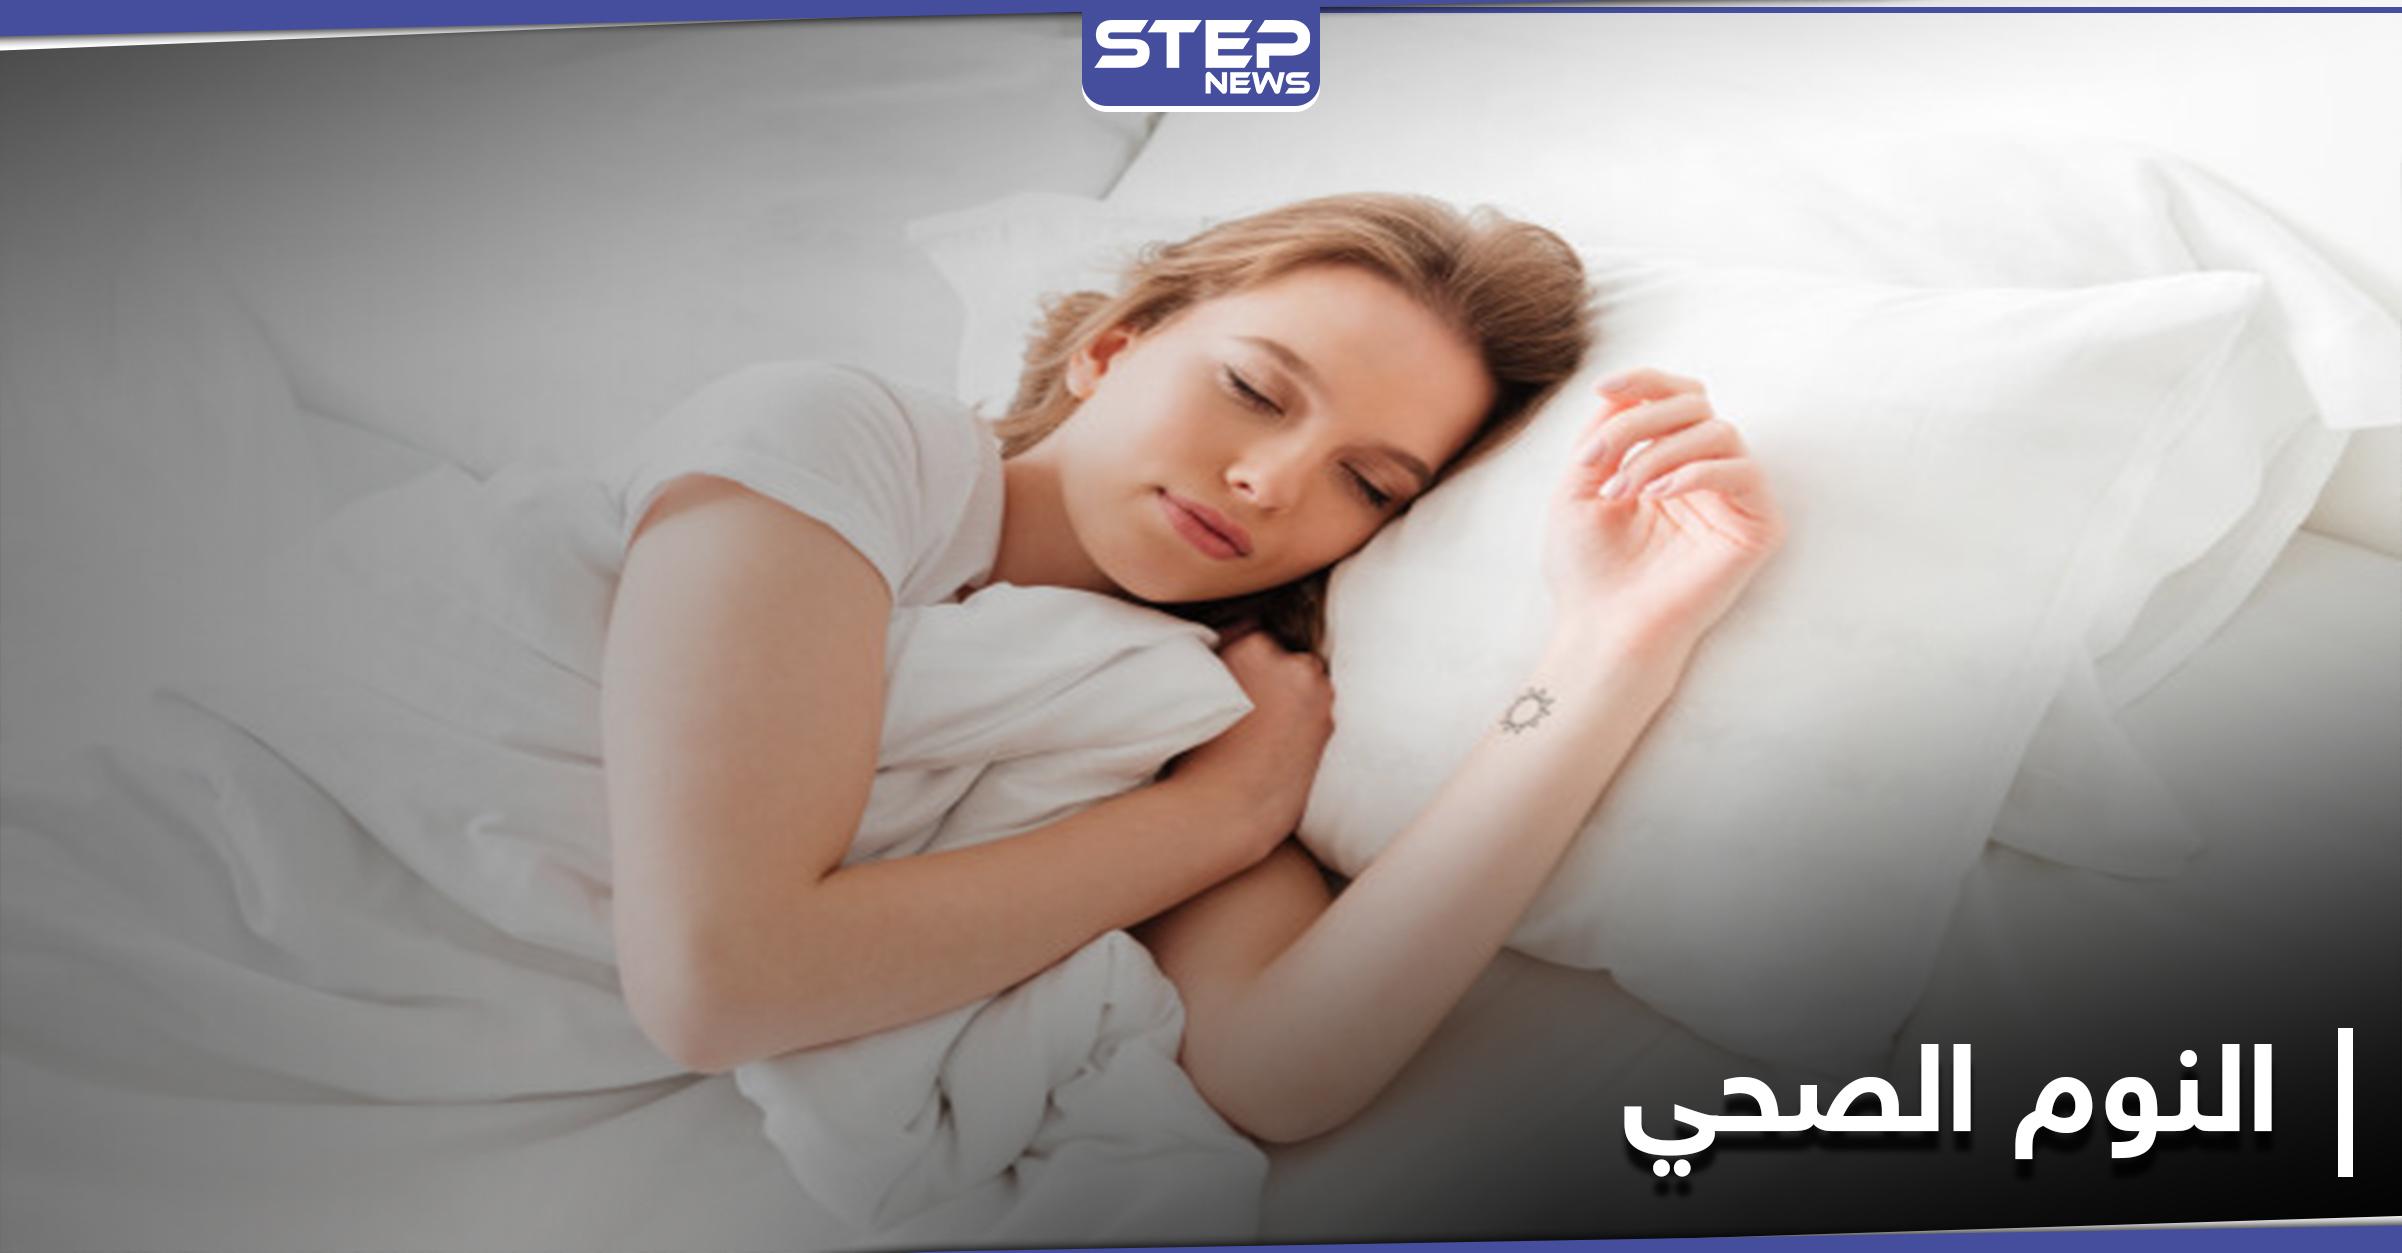 ماهي ساعات النوم الصحي اللازمة لك بحسب عمرك.. ونصائح لتنعم بنوم صحي